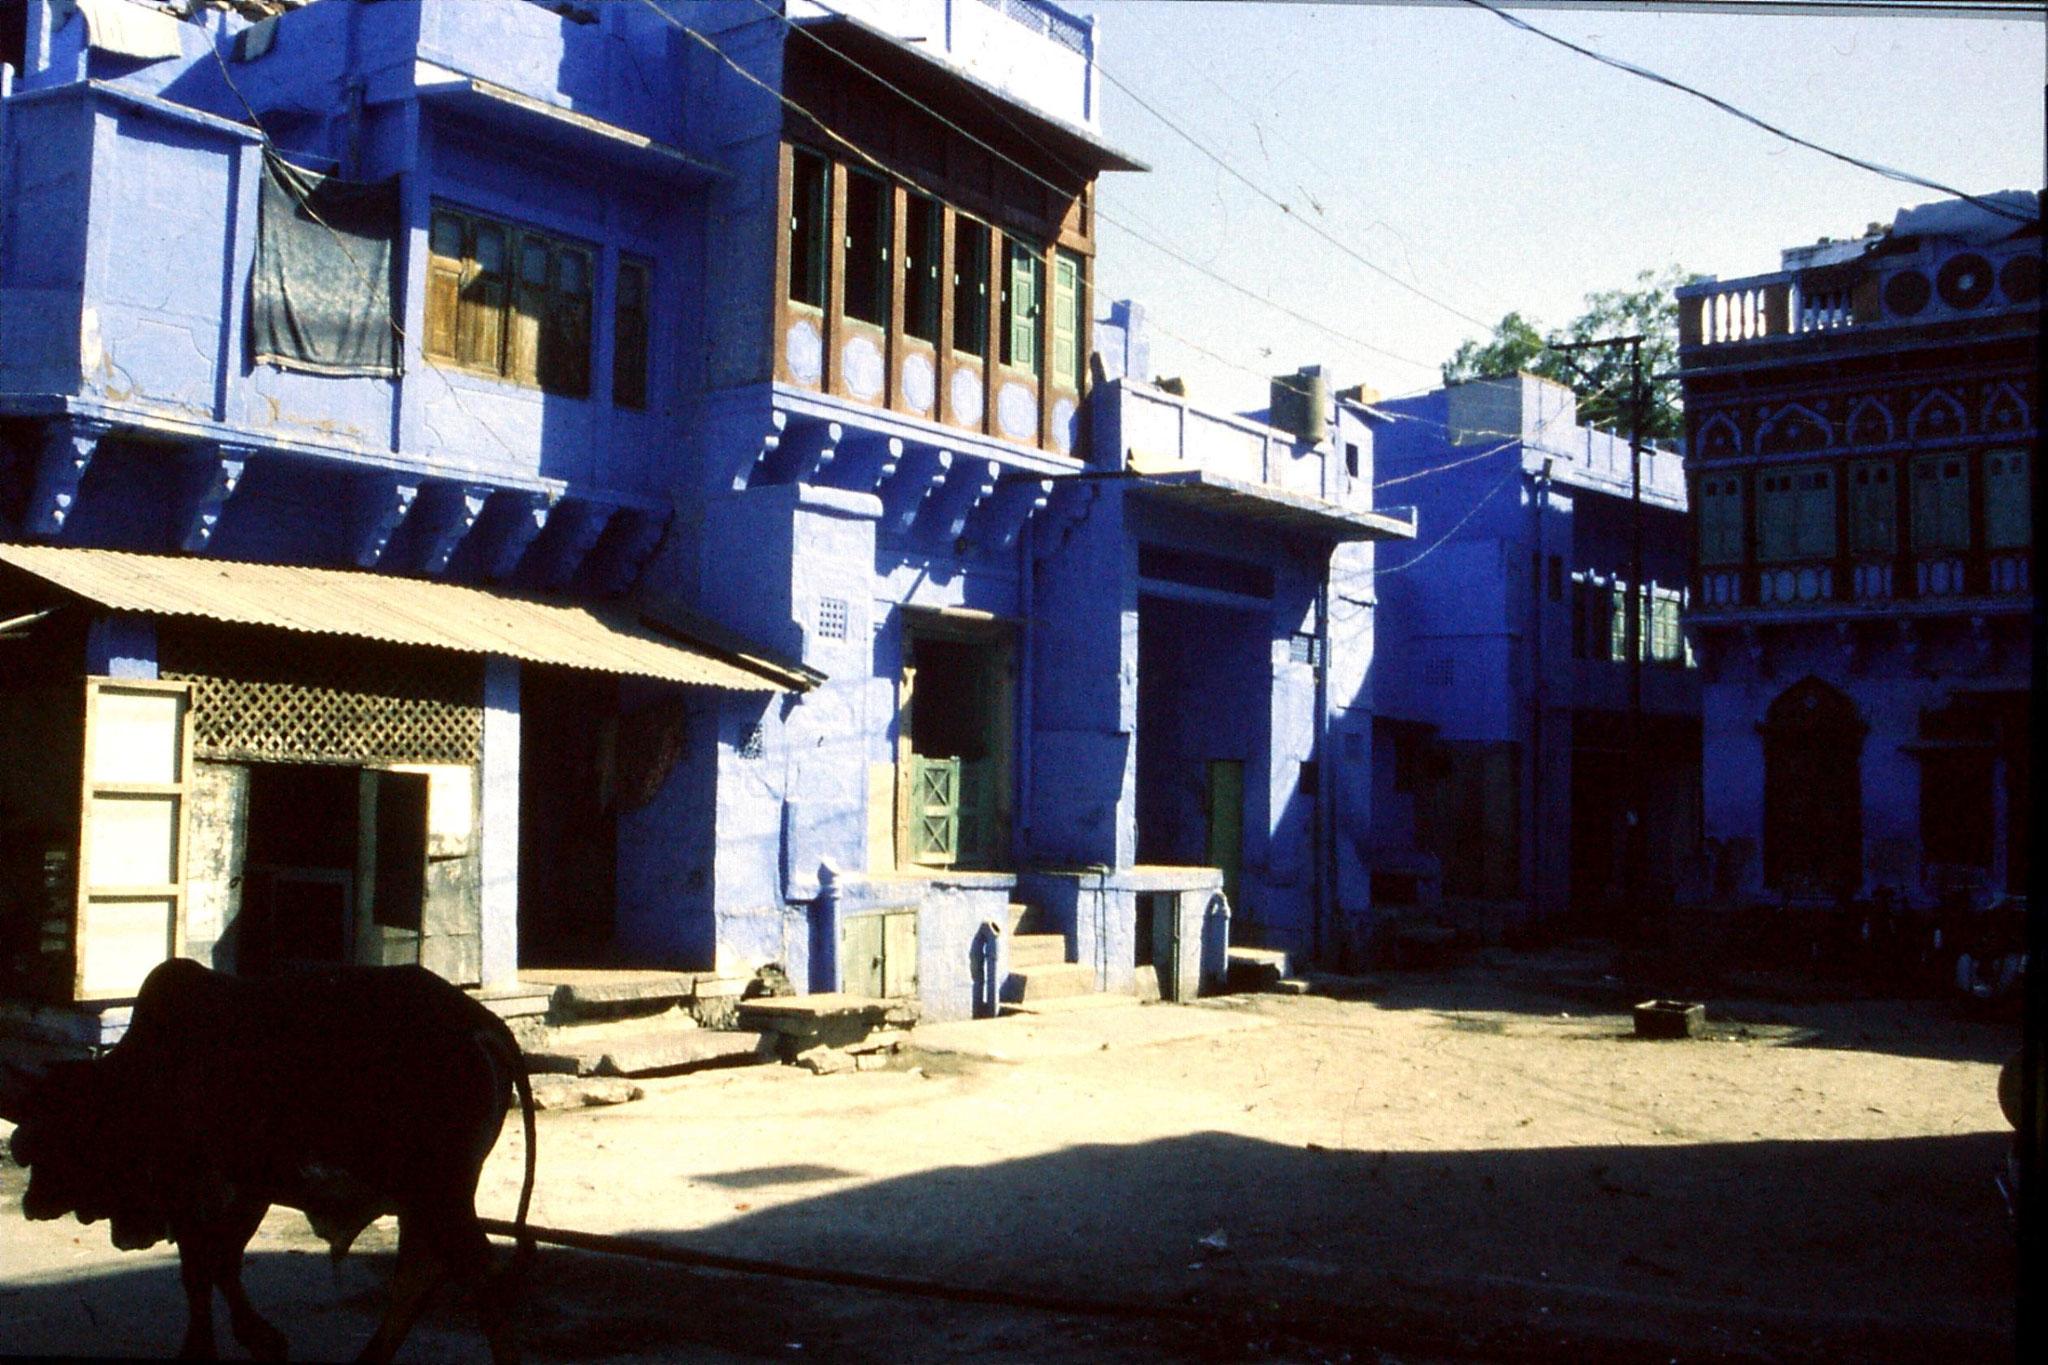 29/11/1989: 7: Jodhpur